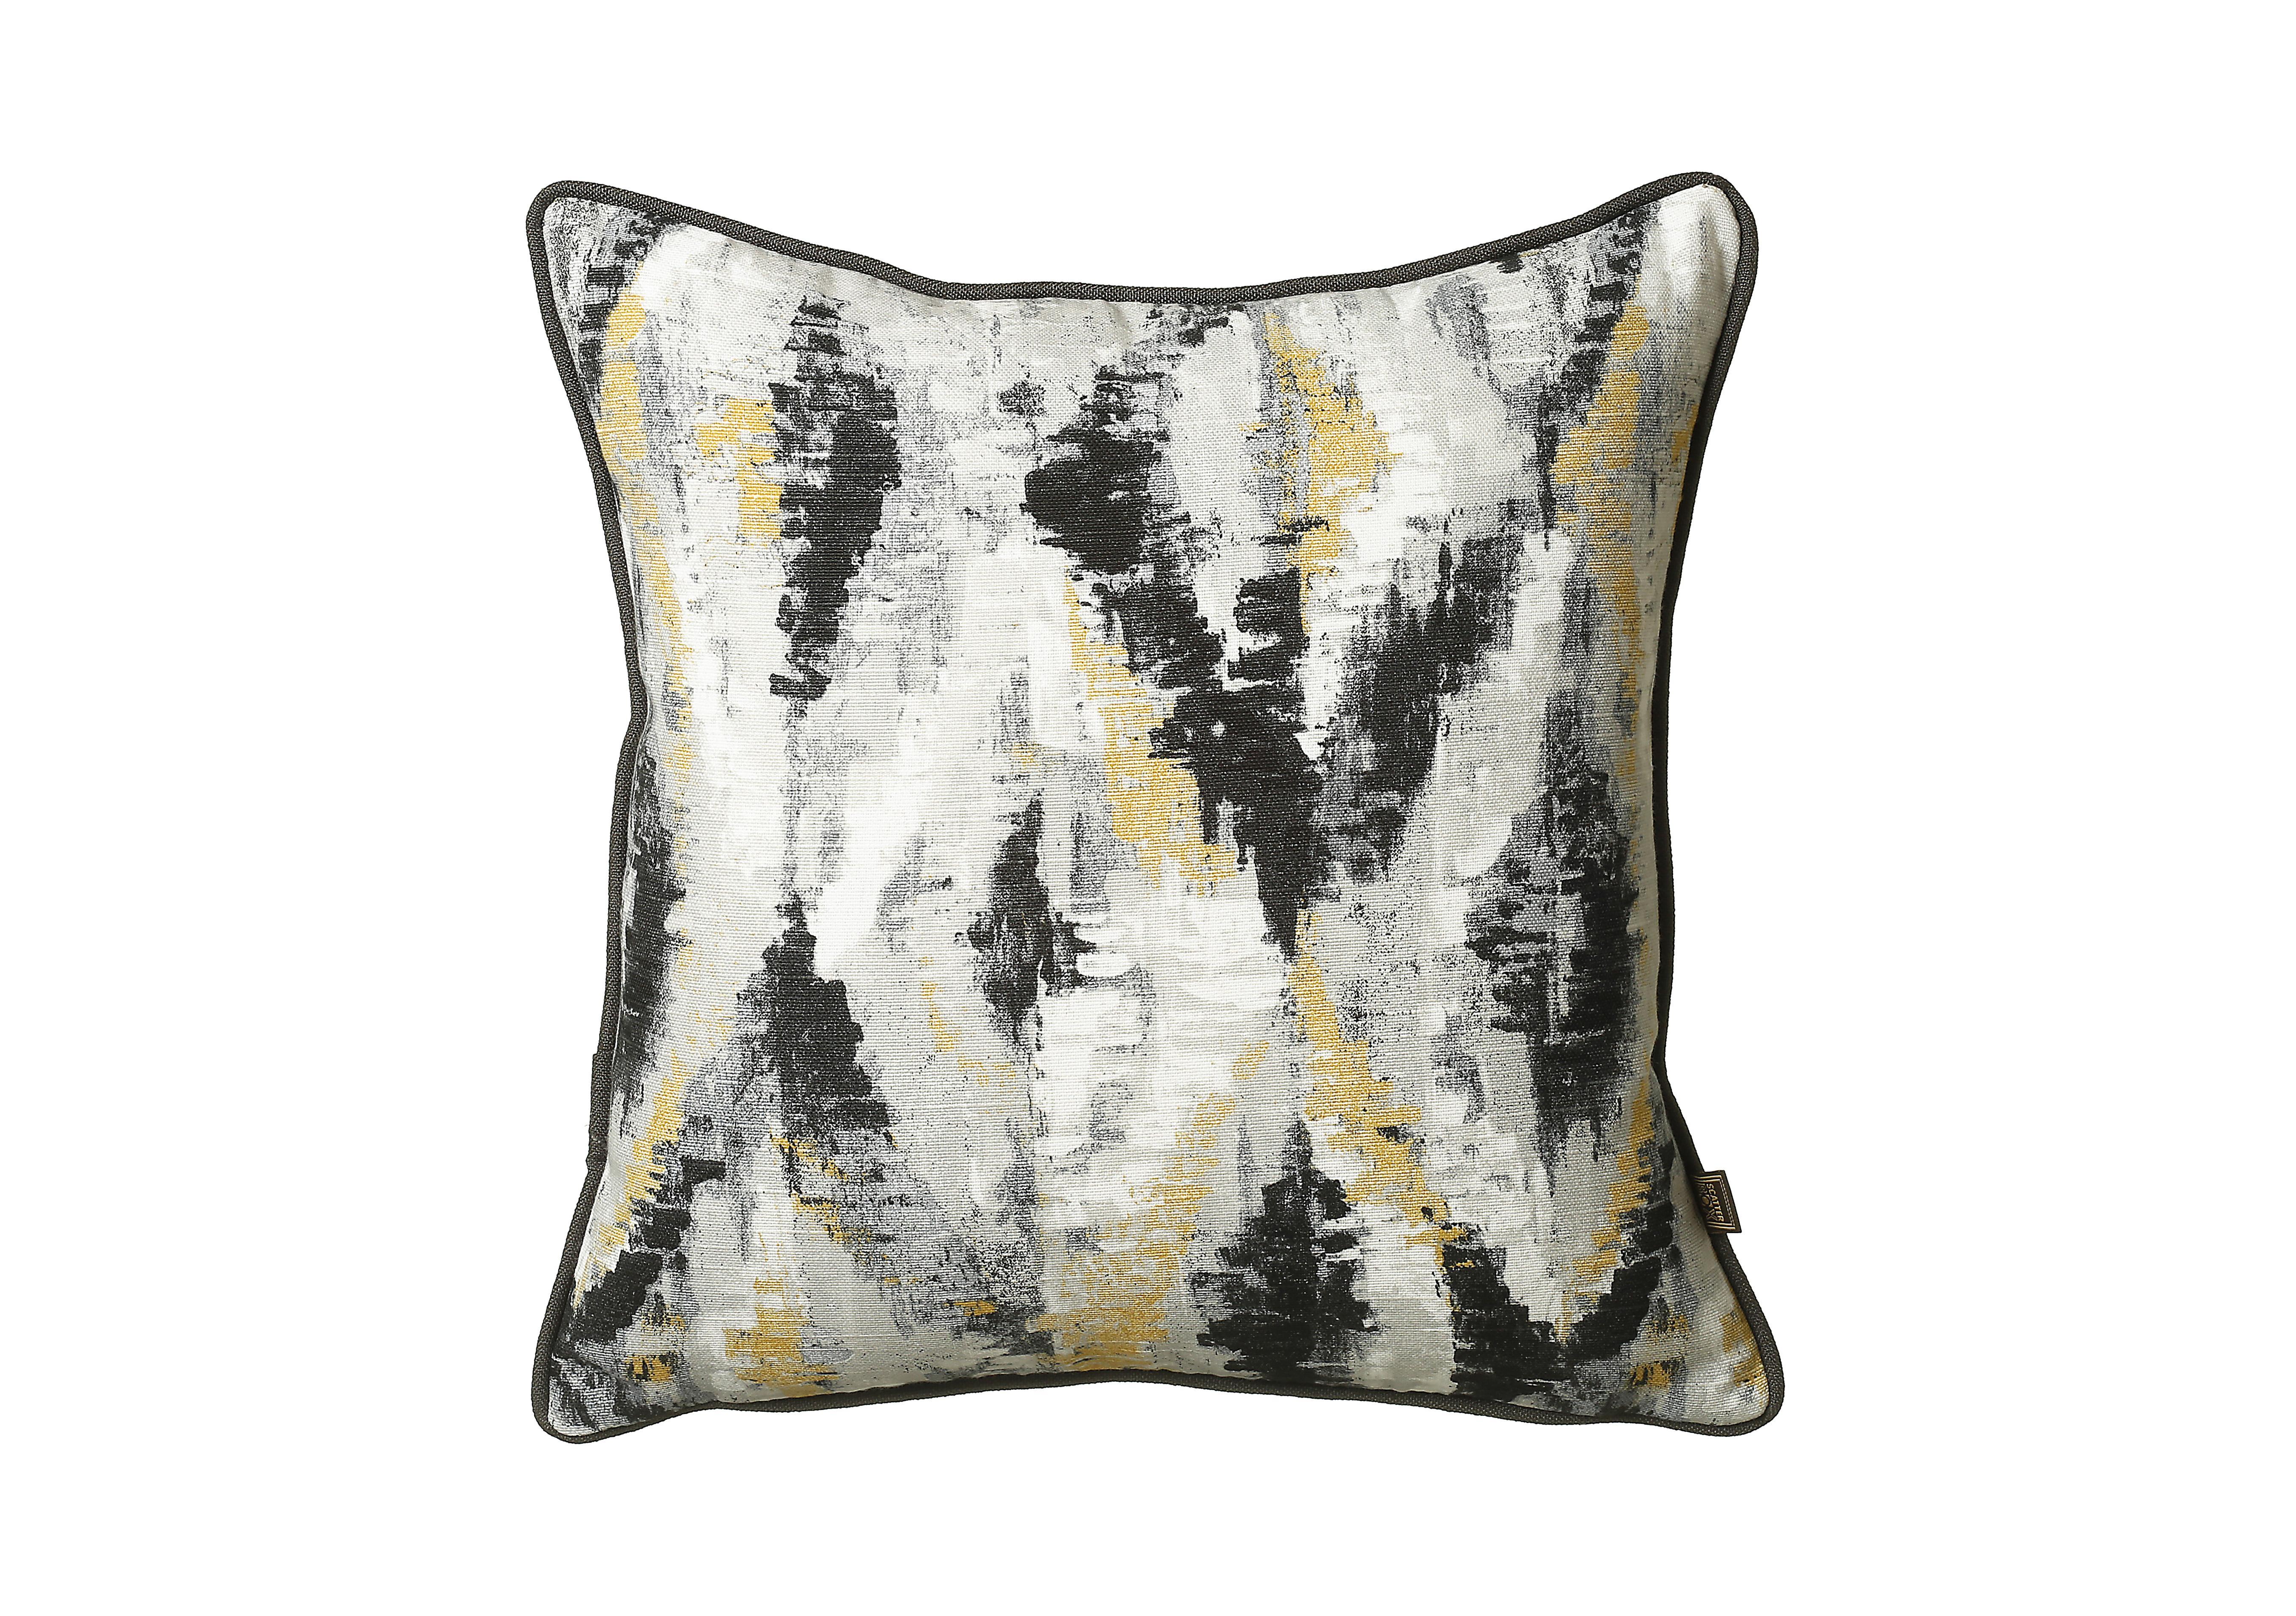 Superbe Save £10. Dharma Cushion